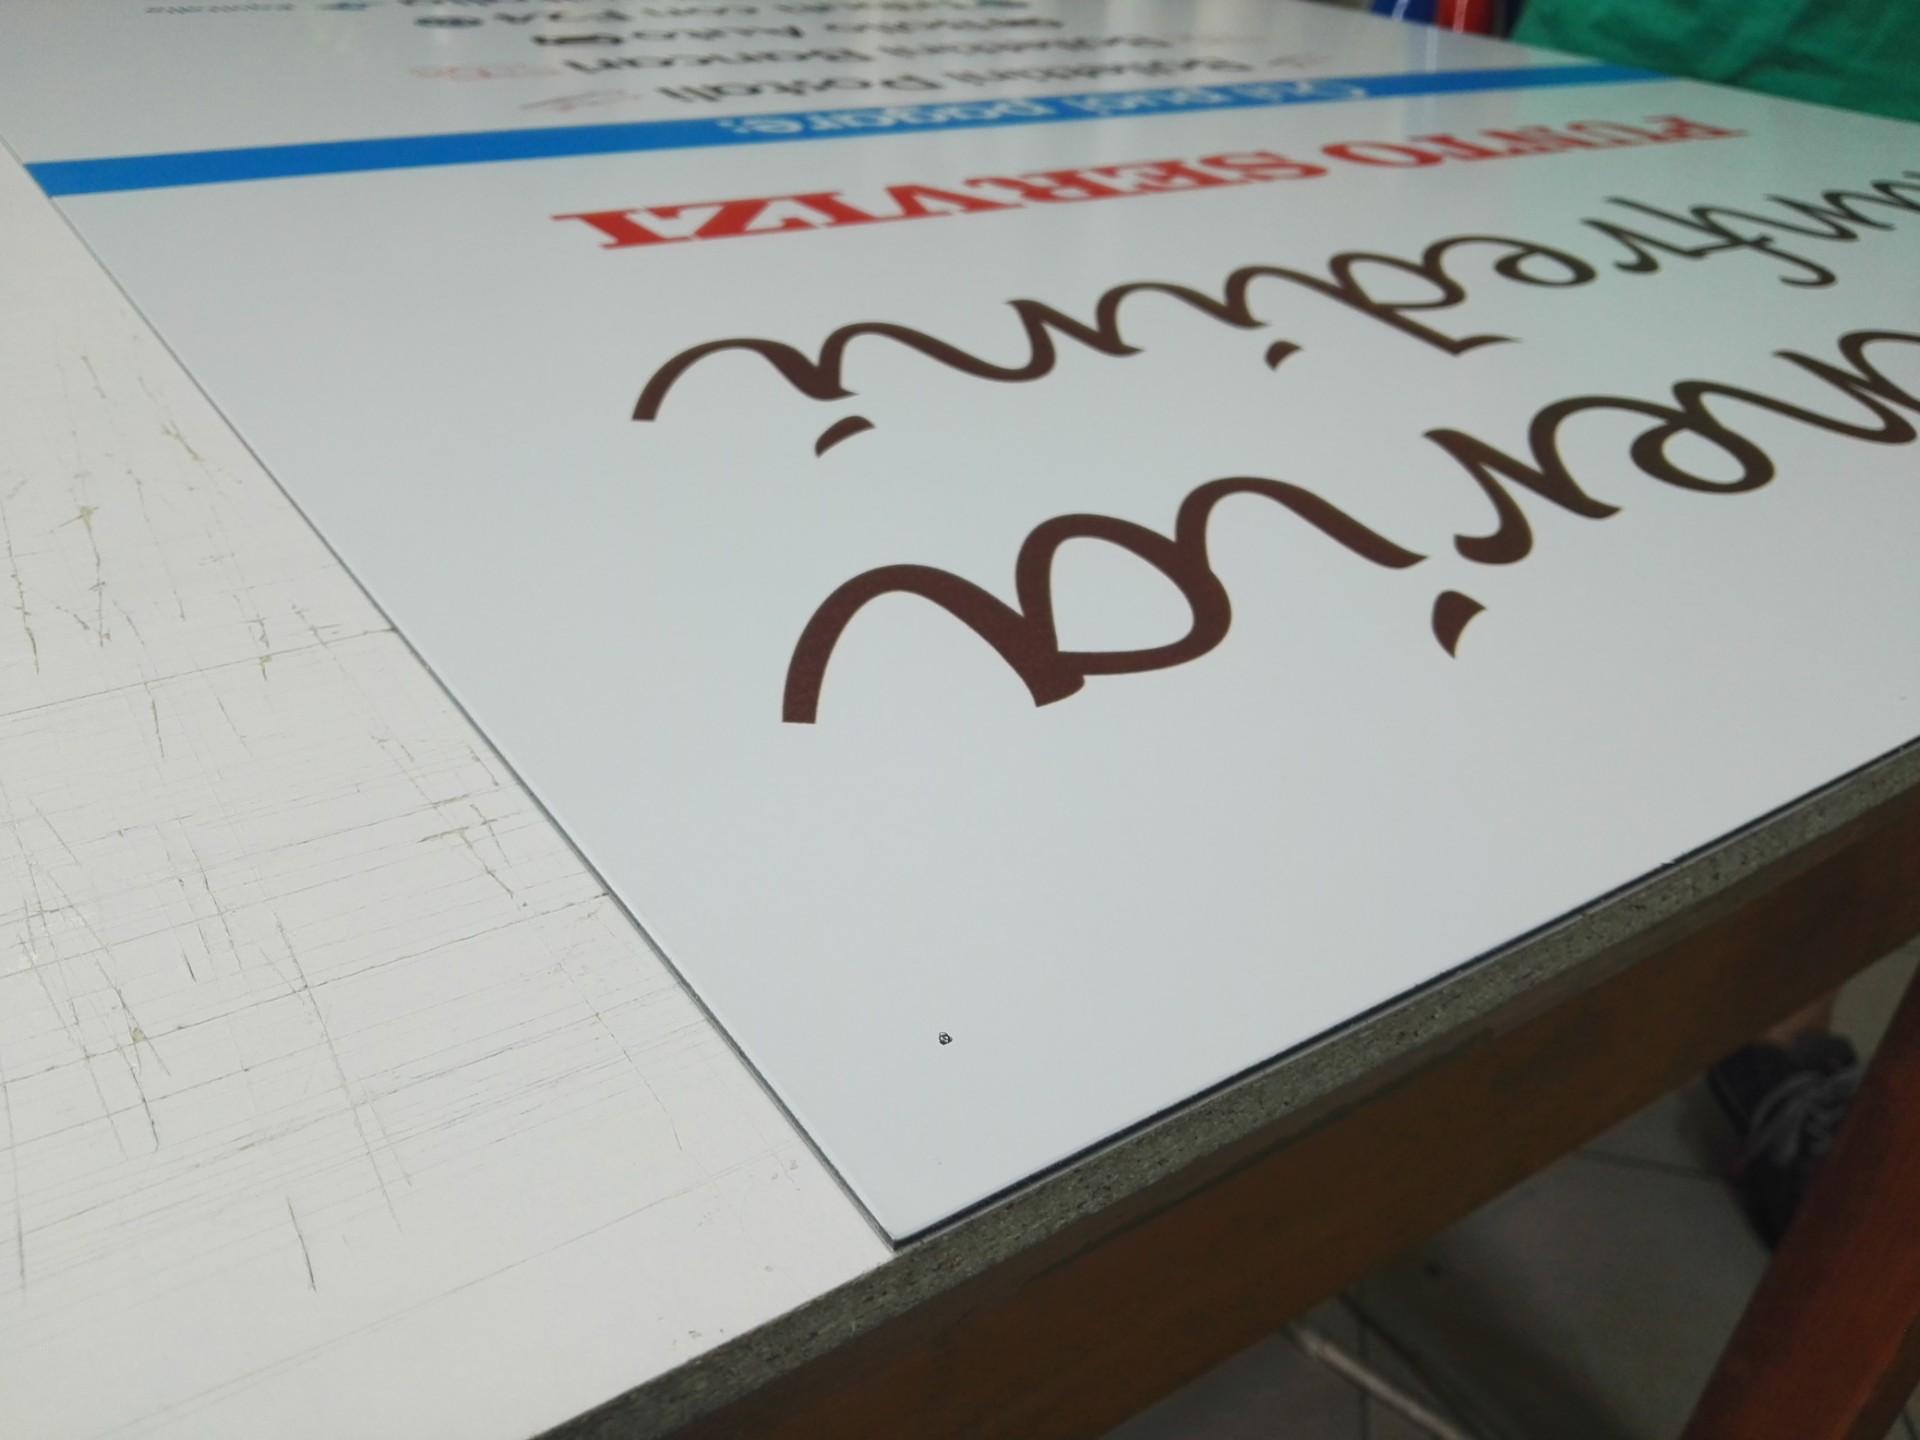 Personalizzazione cartelloni attività commerciali a Brescia